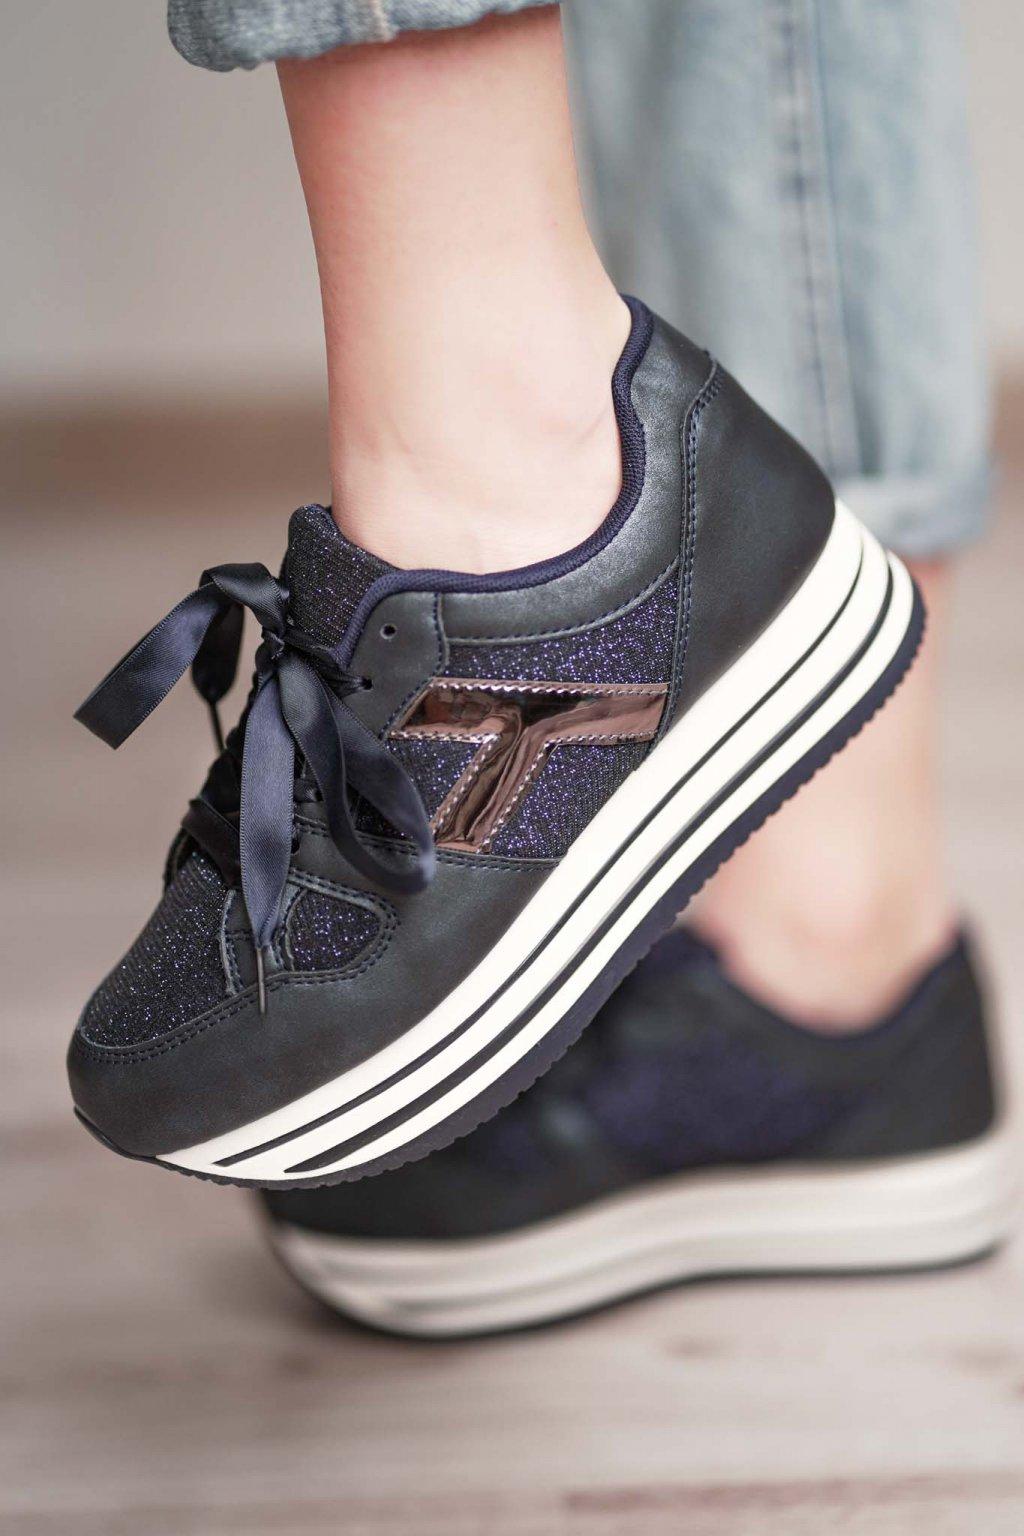 topánky, obuv, tenisky, botasky, lodičky, čižmy, šľapky, sandálky 428